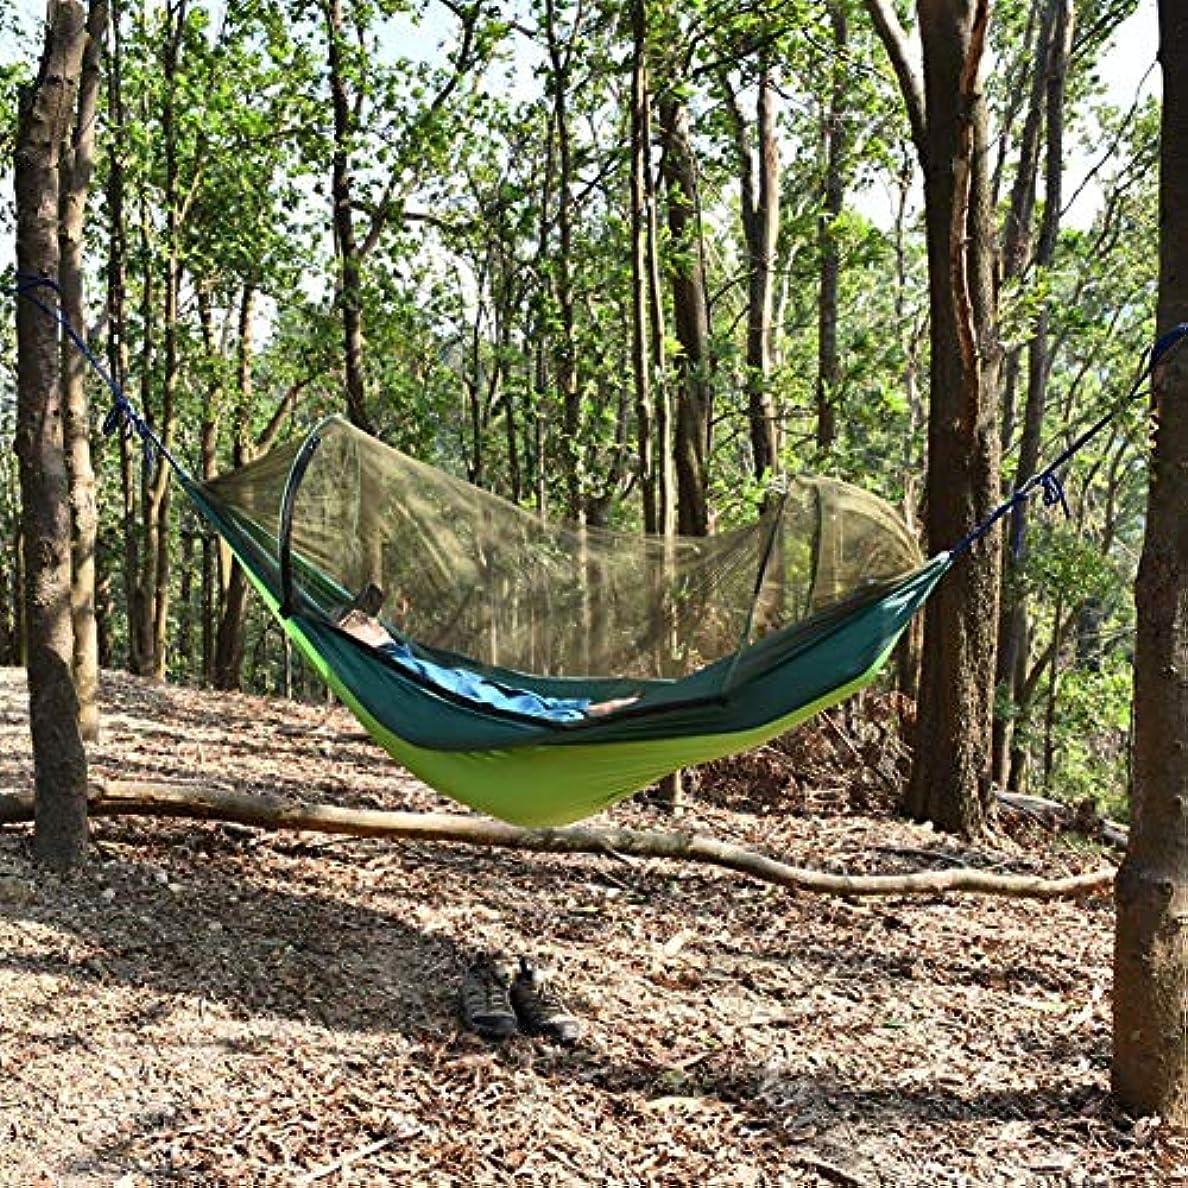 路地落ち着いたぶどうハンモック 折畳み 公園 ハイキング 軽量 超広い 耐荷重 室内 昼寝 キャンプ用寝具 耐荷重 持ち運びやすい (約32 28 9CM)